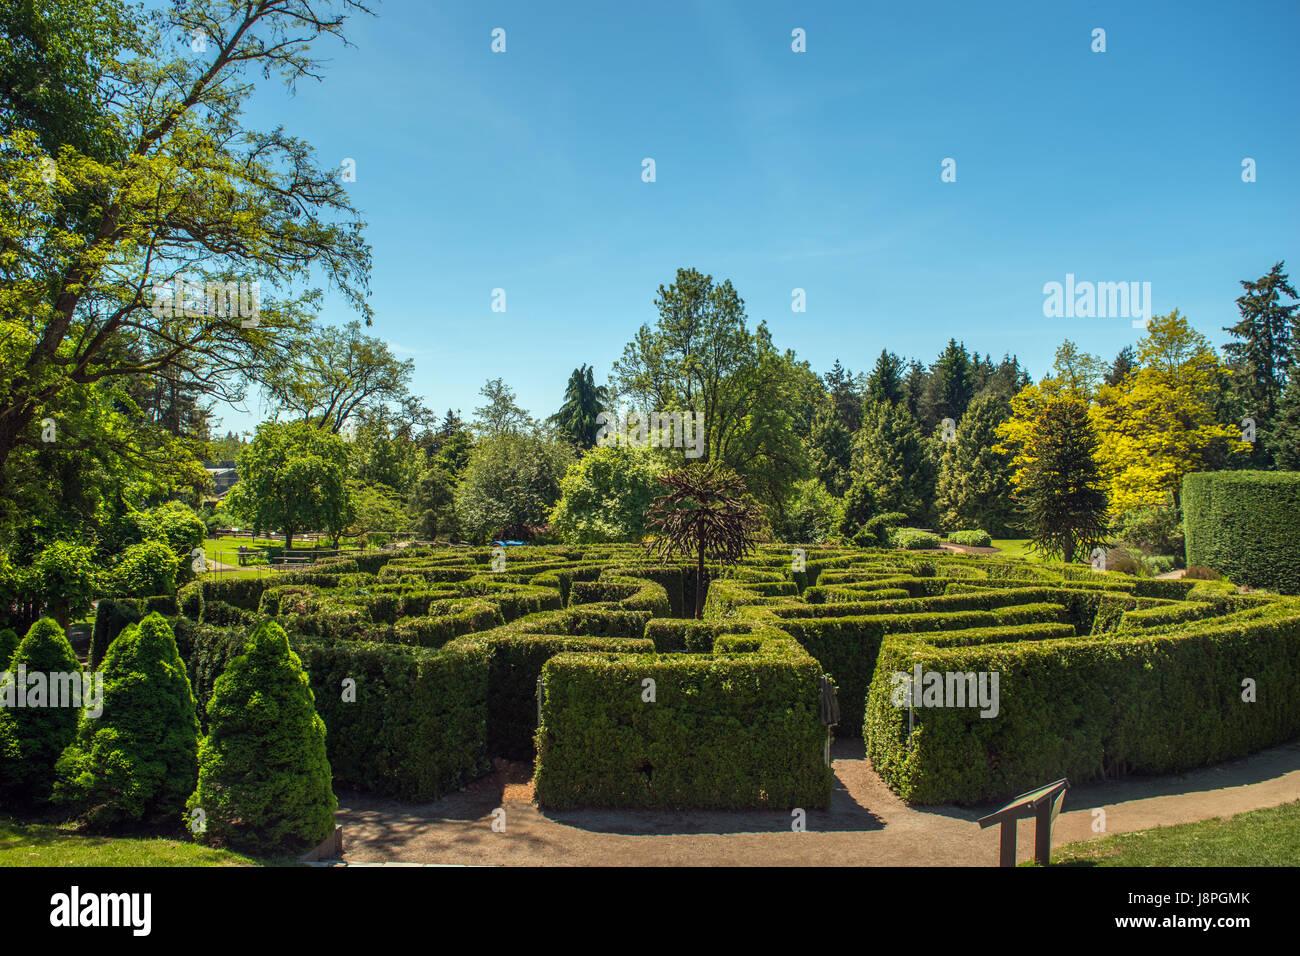 Maze Garden - Stock Image